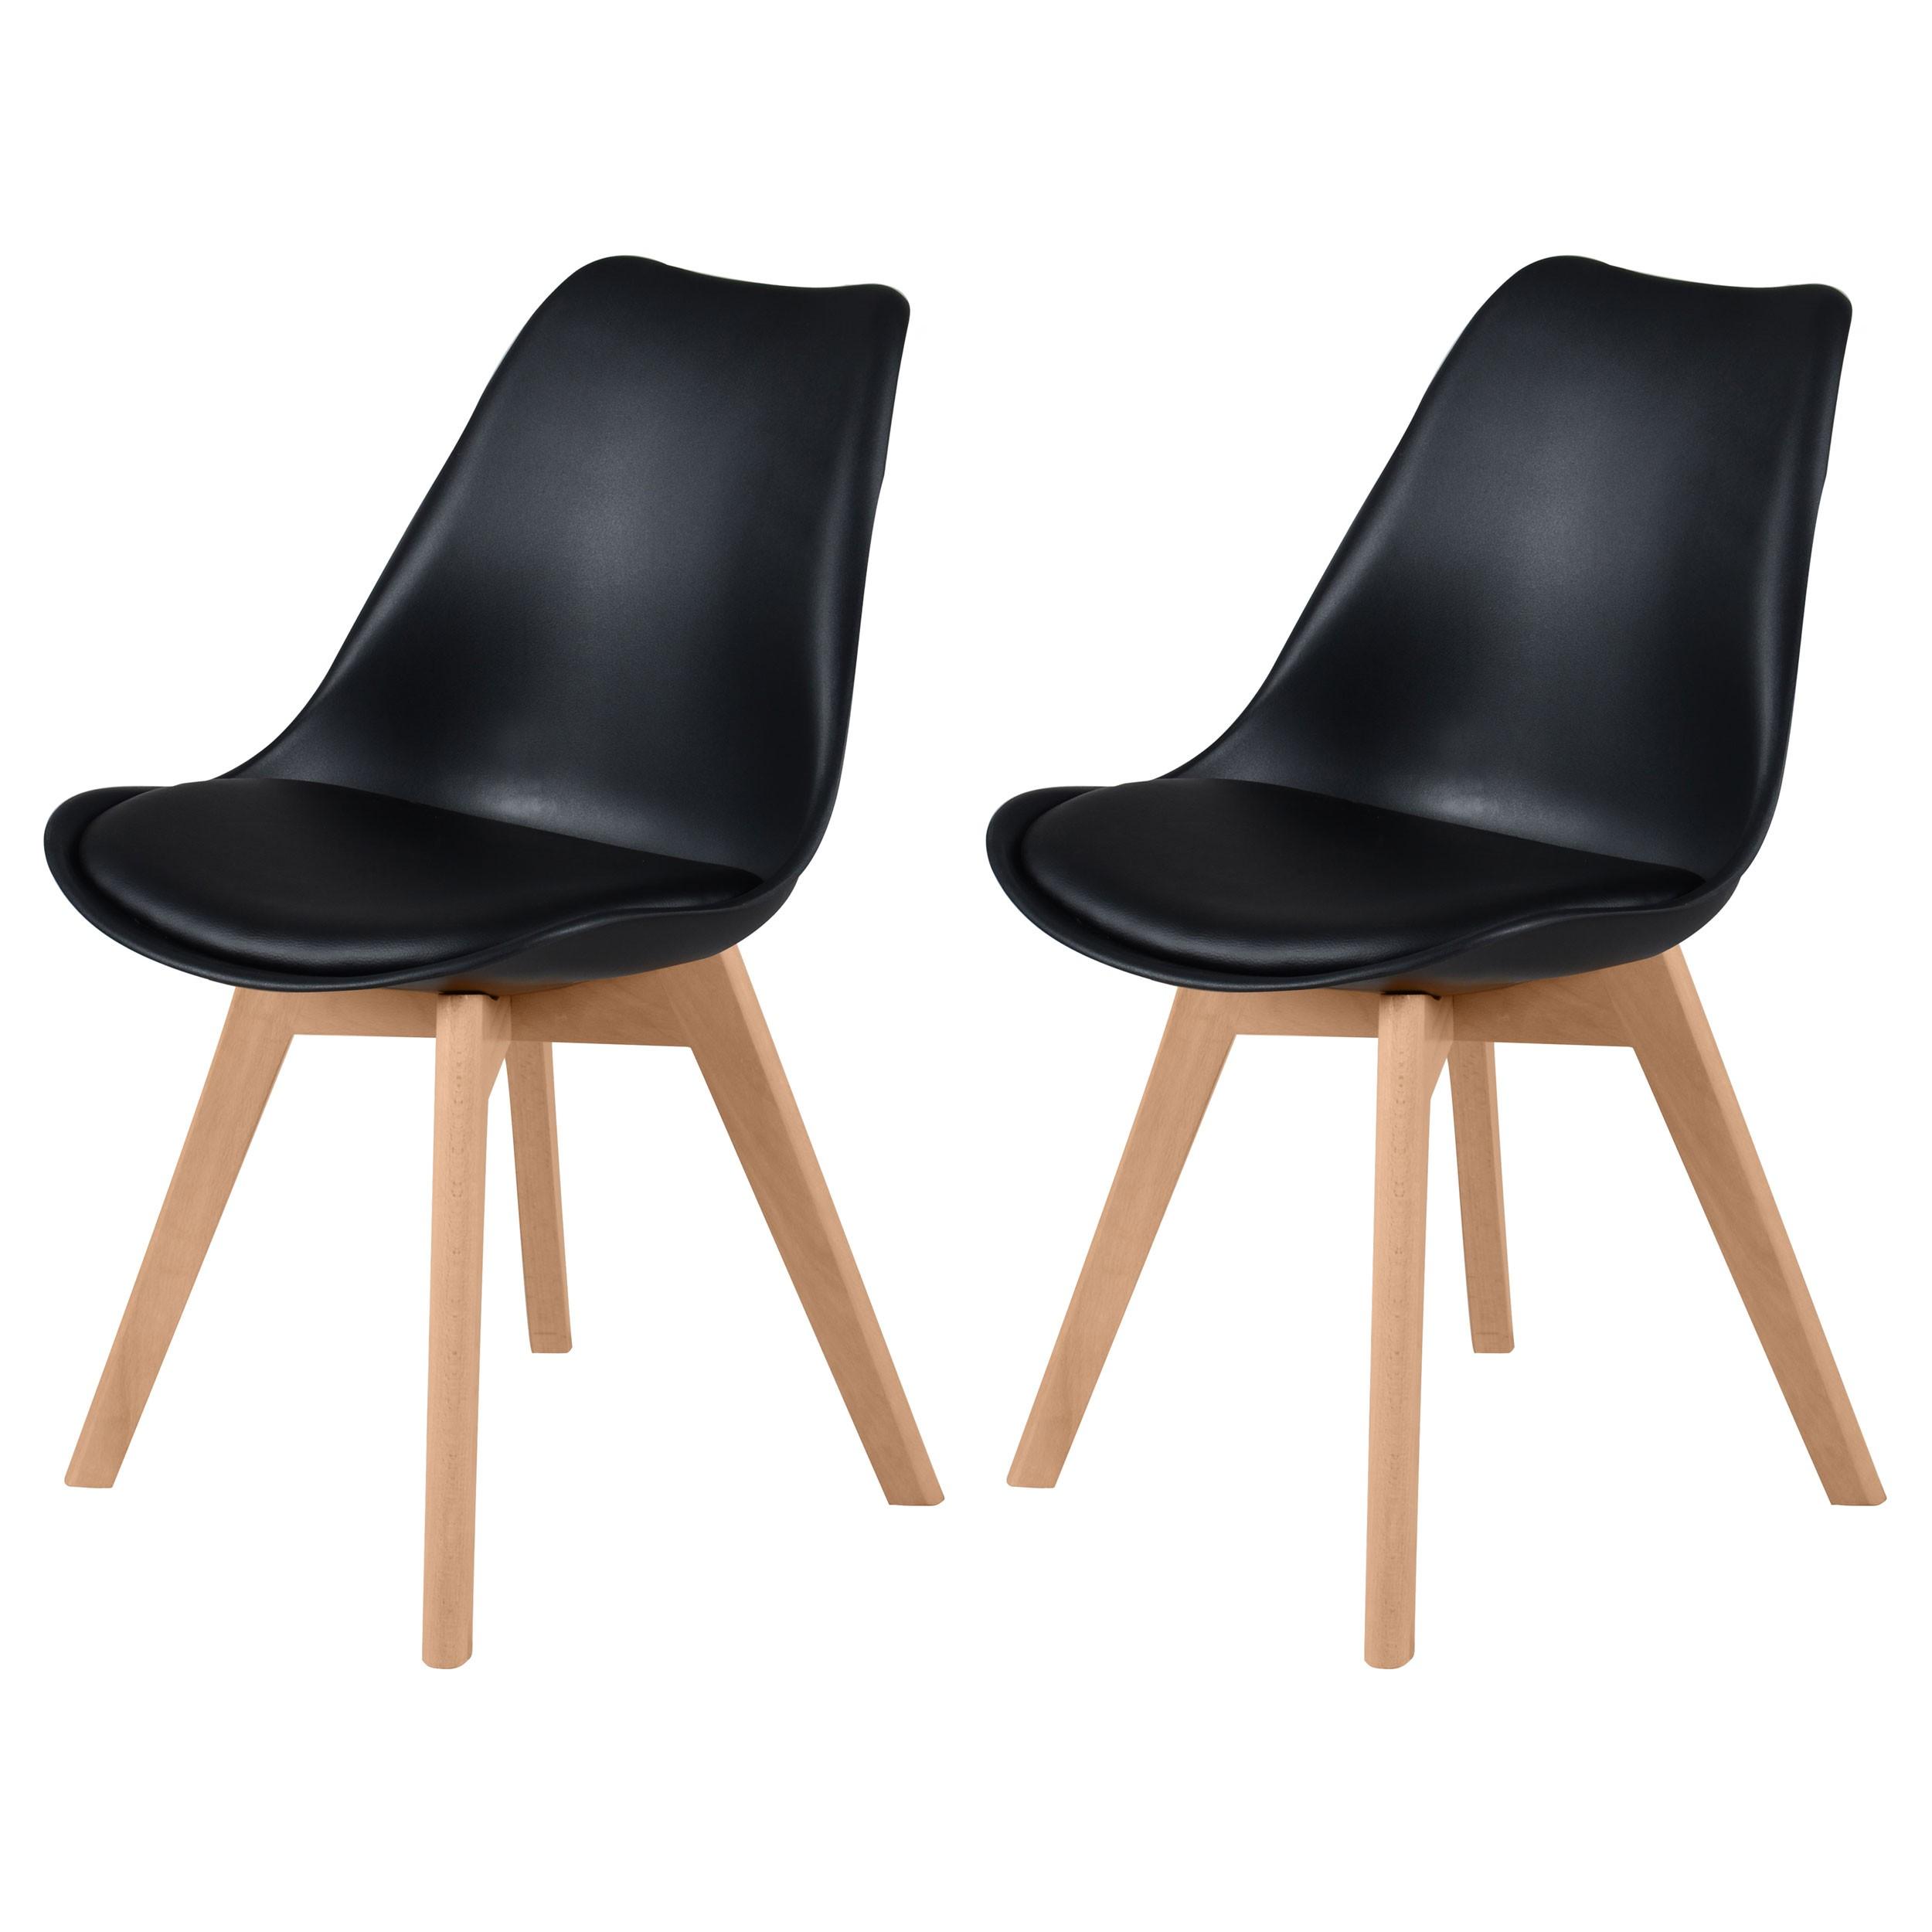 achat chaise skandi noire lot de deux - Chaise Scandinave Noir